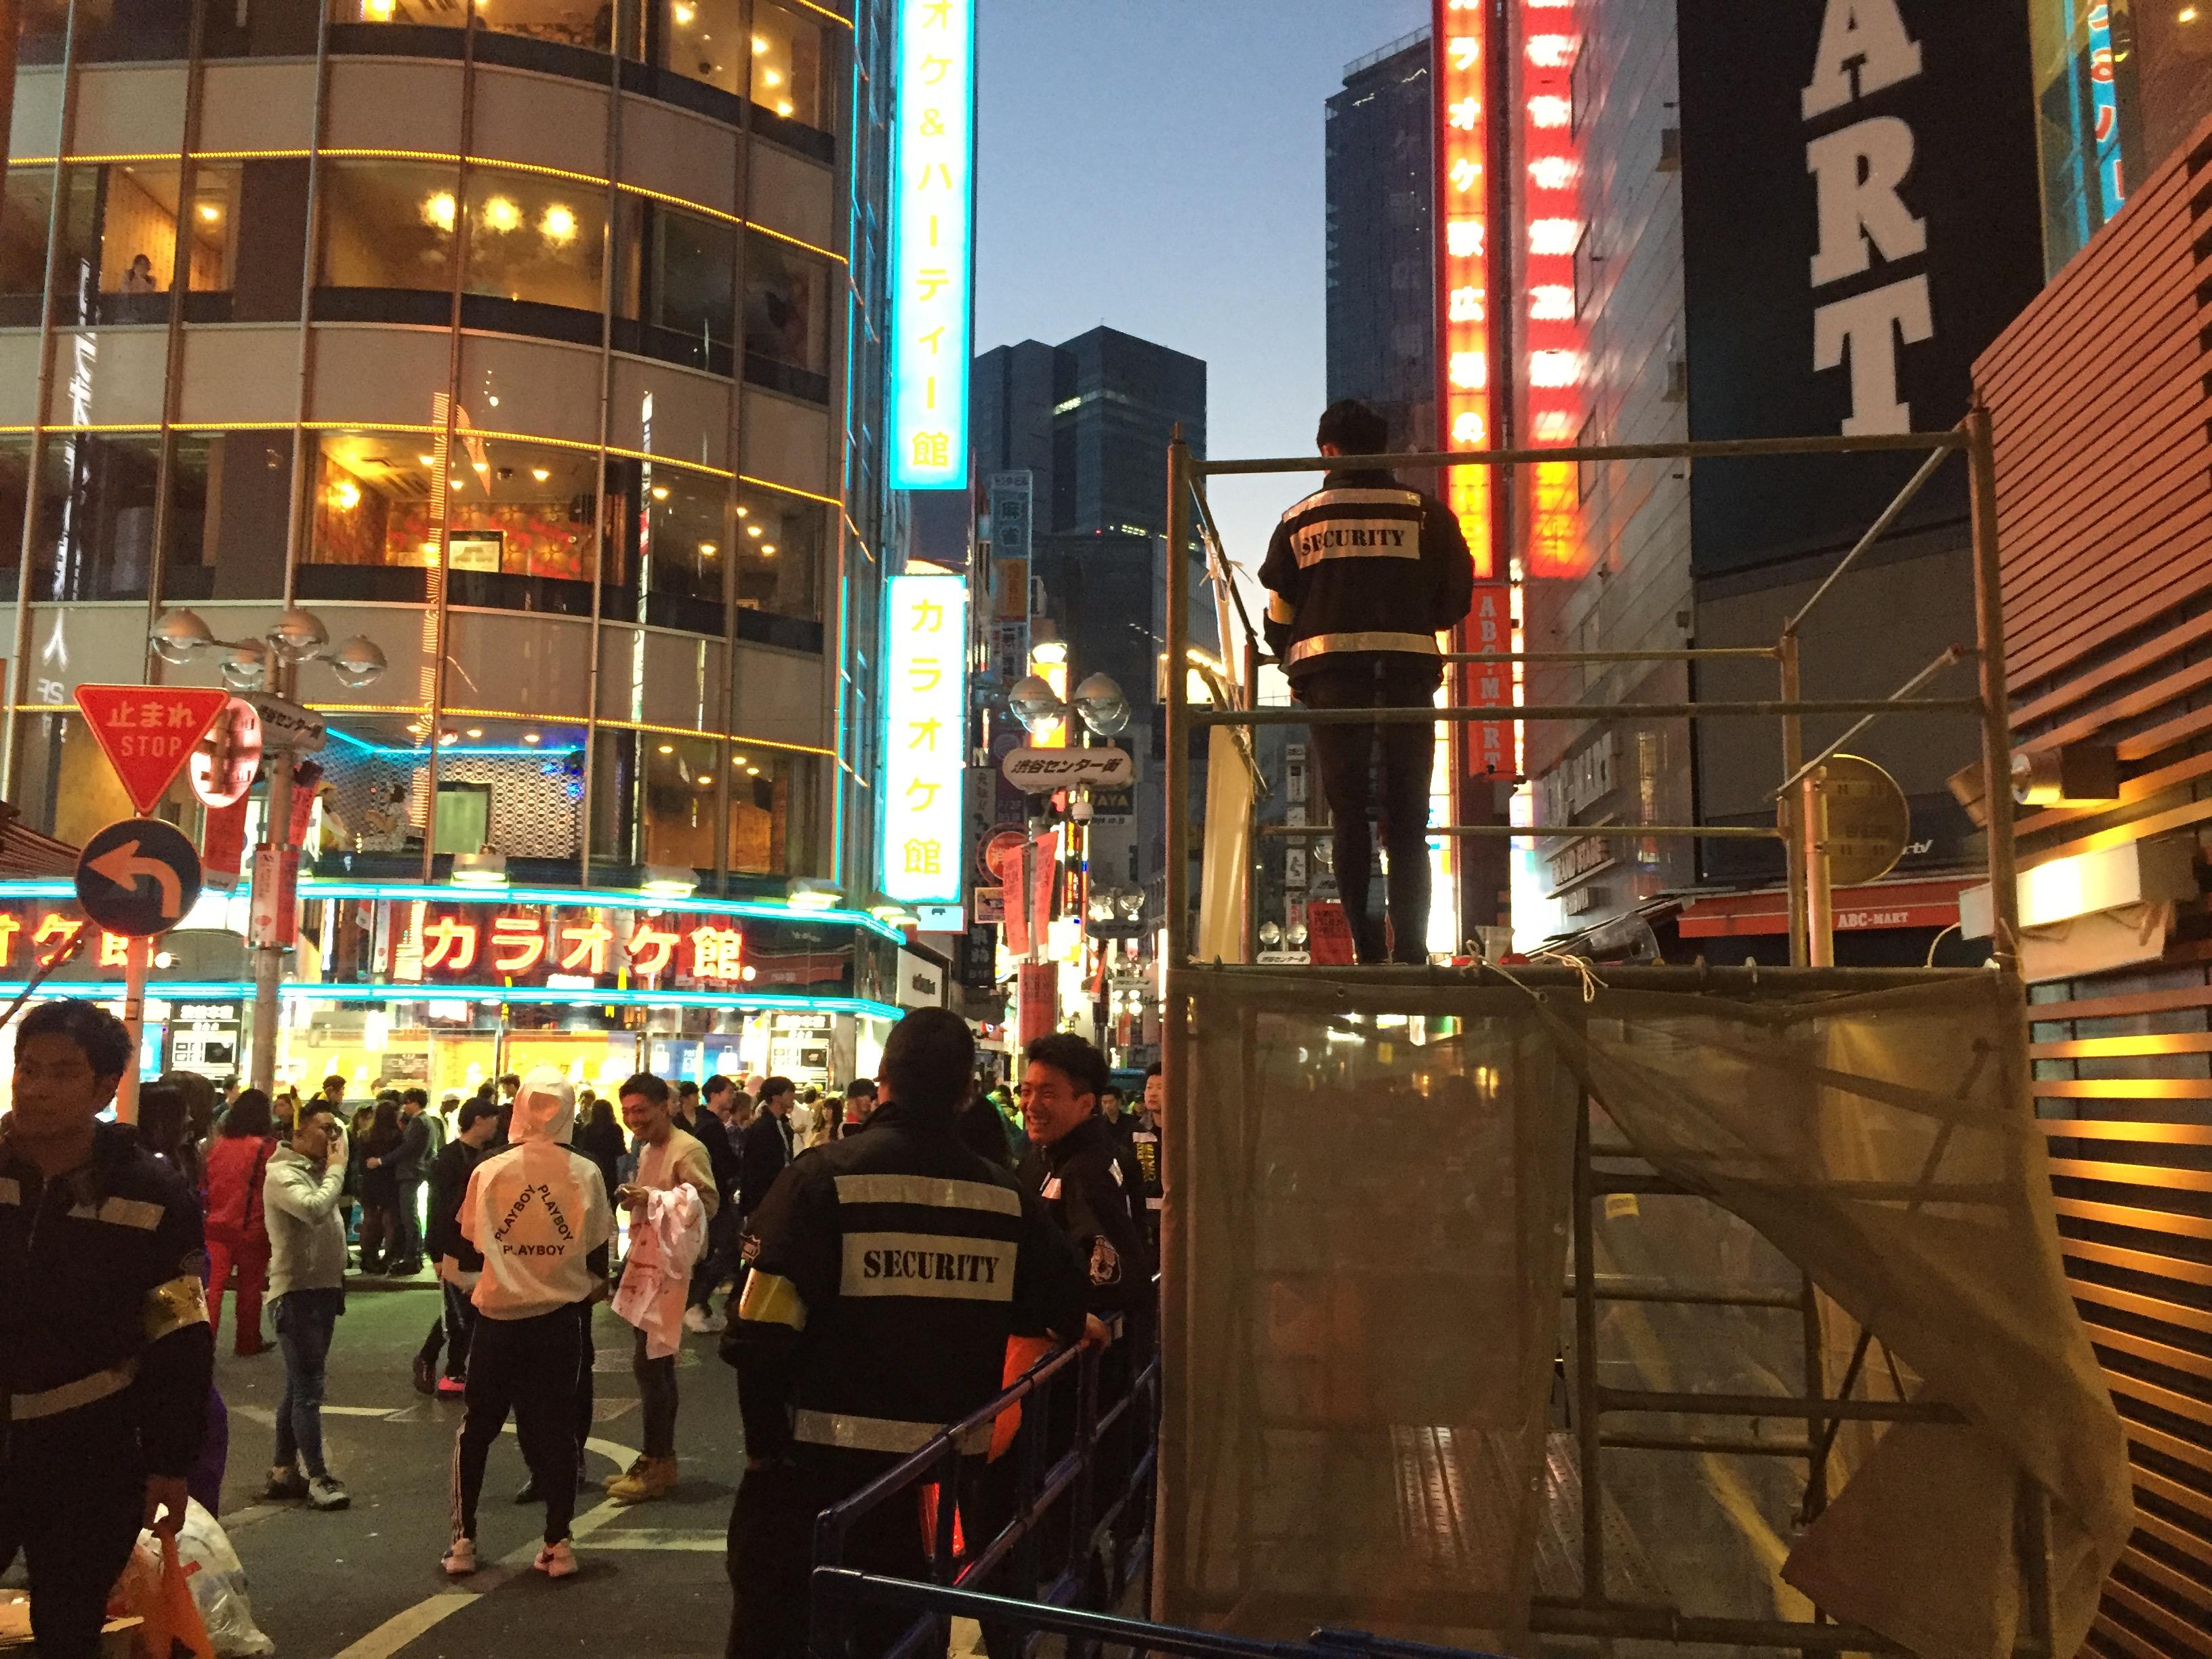 2019年11月1日(日)ハロウィン翌朝リサーチ@渋谷センター街